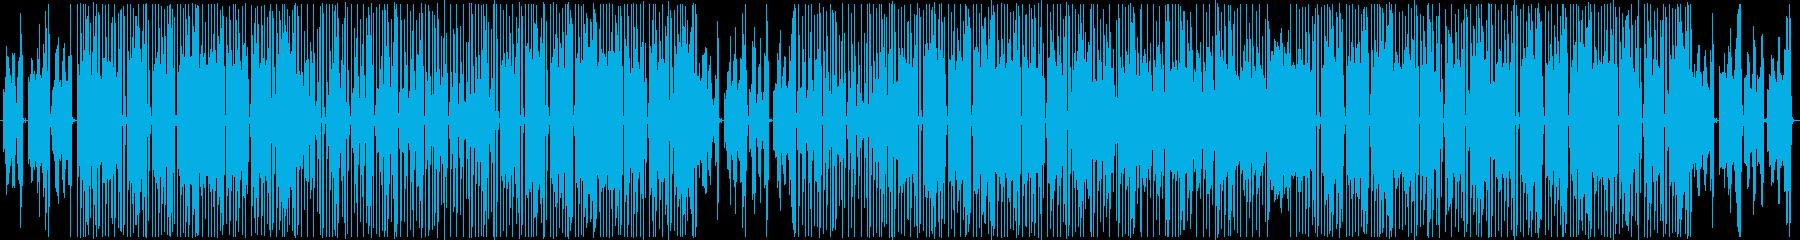 キャッチーな90年代風R&Bの再生済みの波形